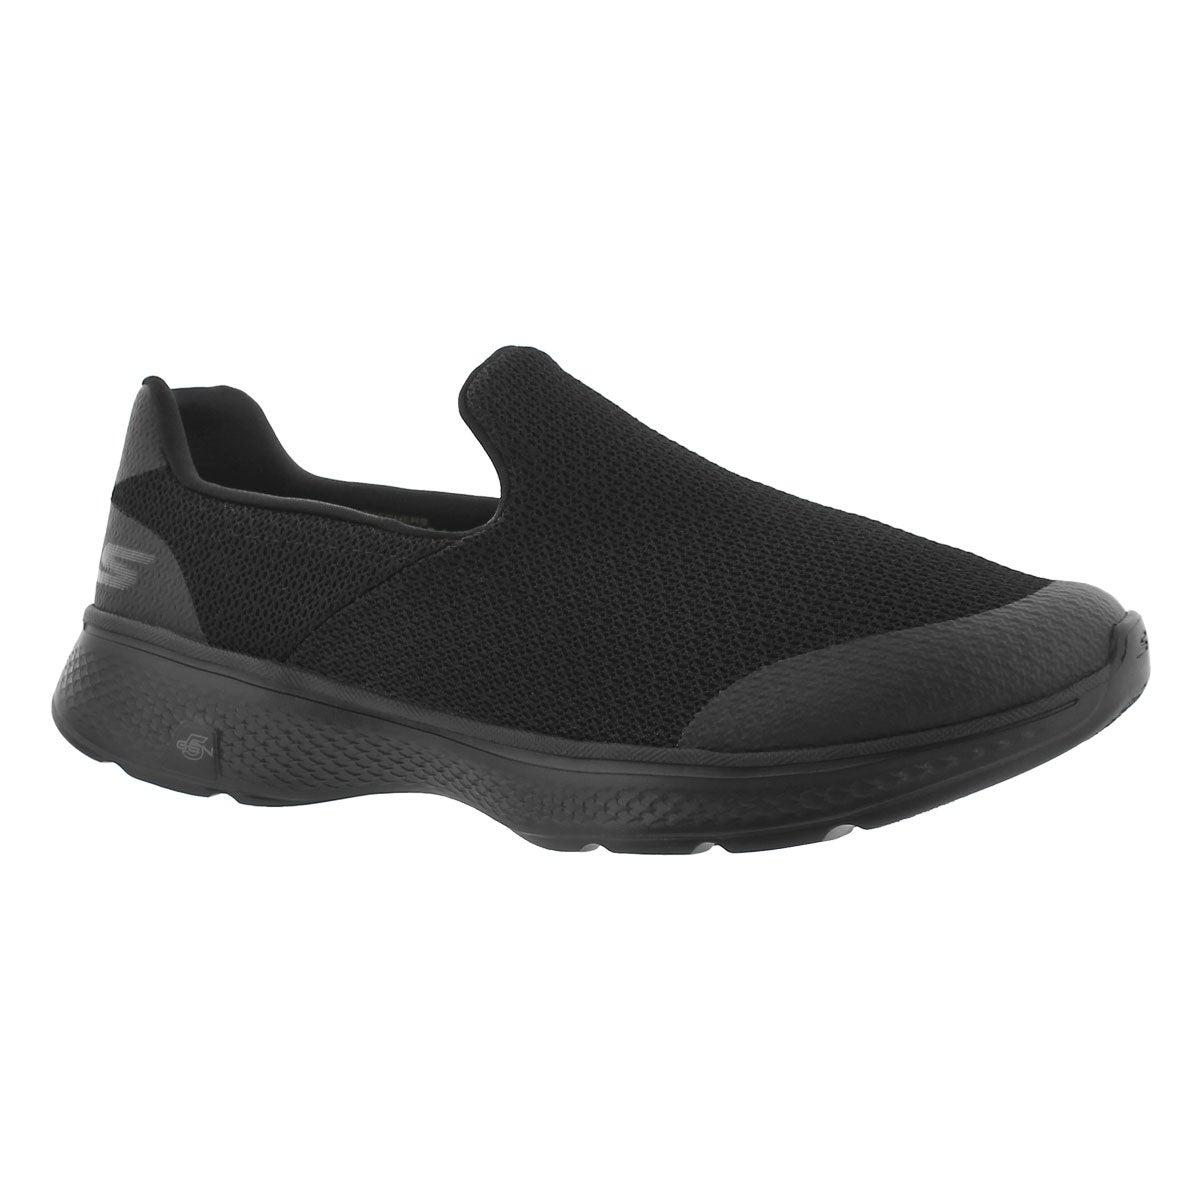 Men's GOwalk 4 black slip on shoes